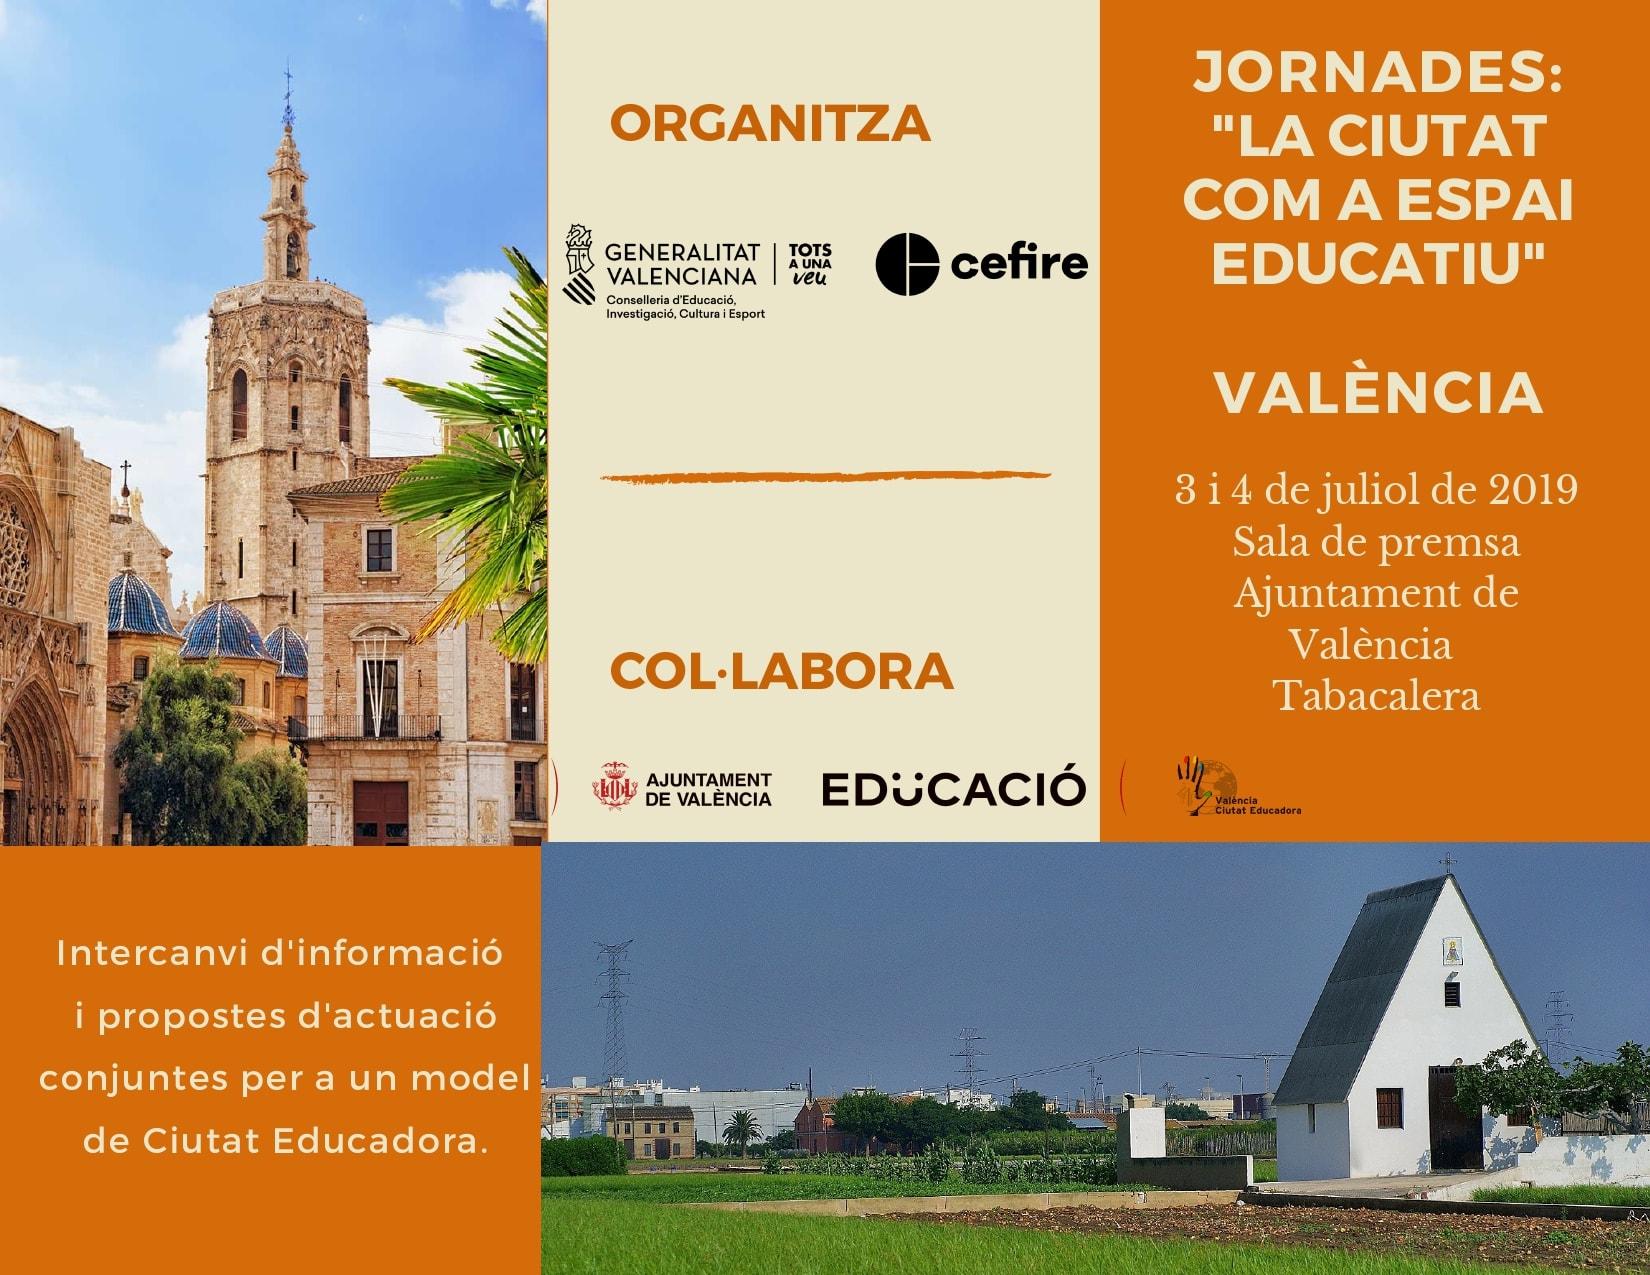 La ciutat com a espai educatiu